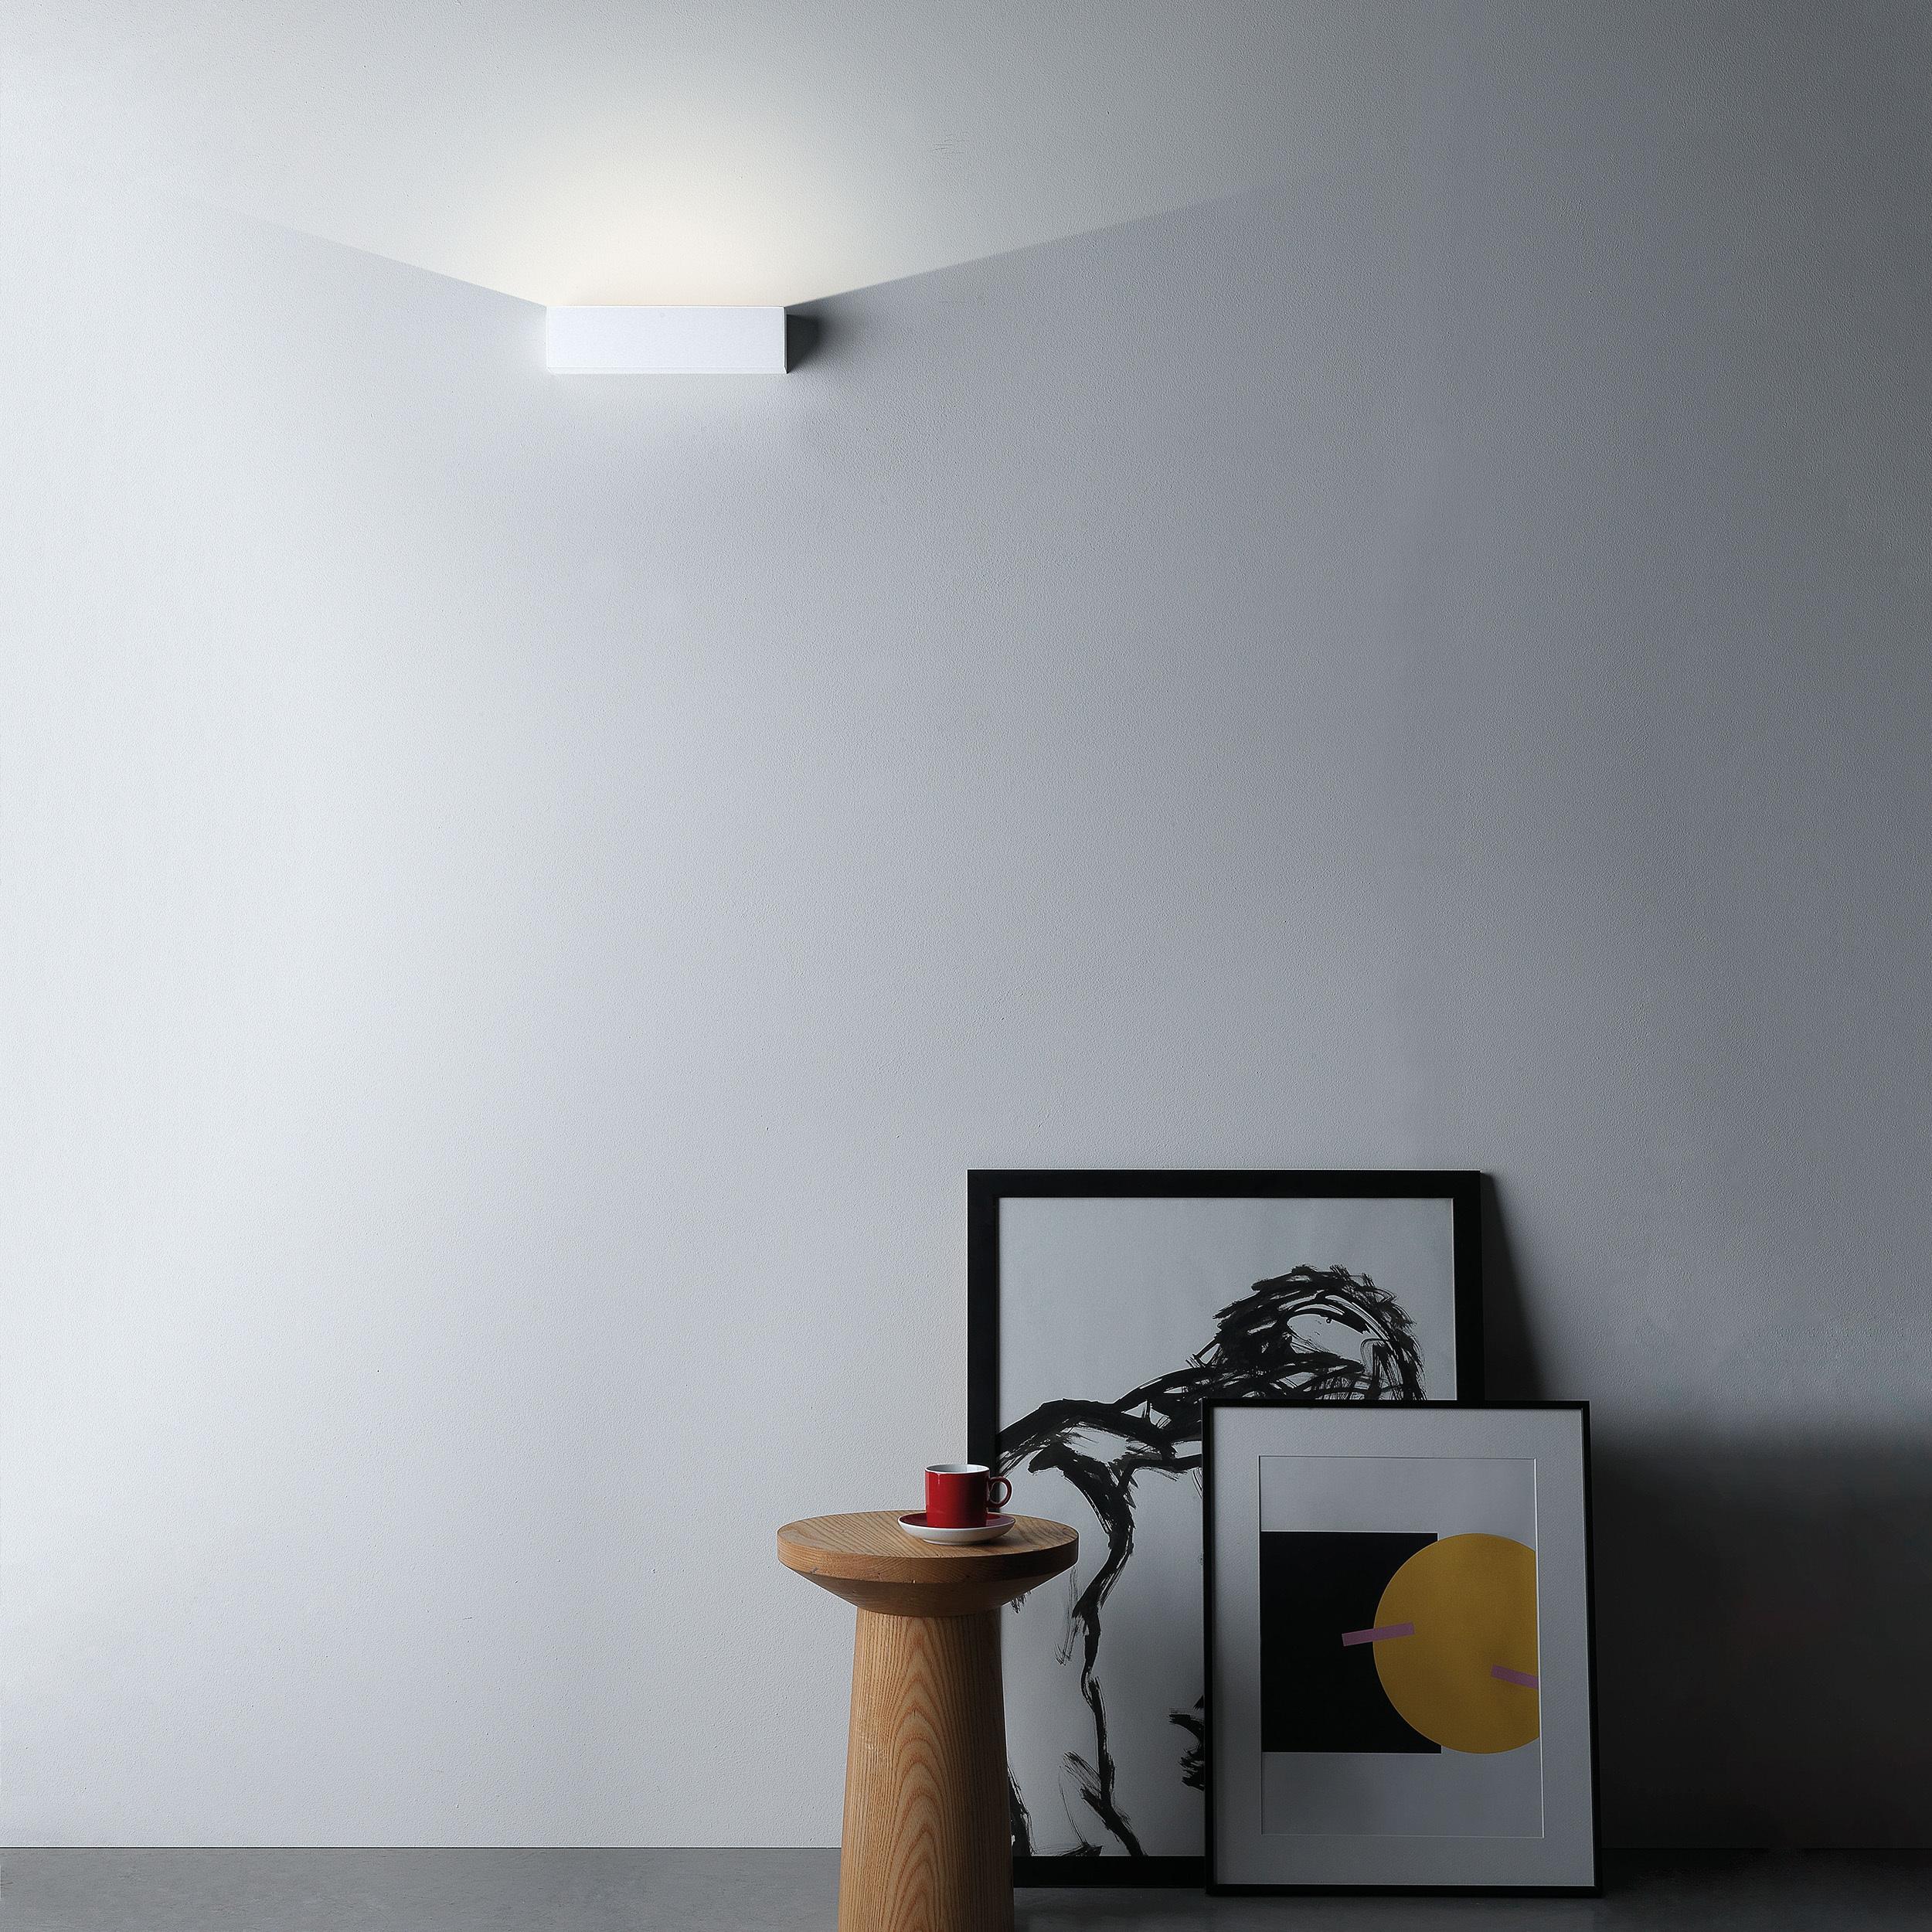 Настенный светодиодный светильник Astro Parma 1187002 (887), LED 9,04W 3000K 301lm CRI80, белый, под покраску, гипс - фото 3